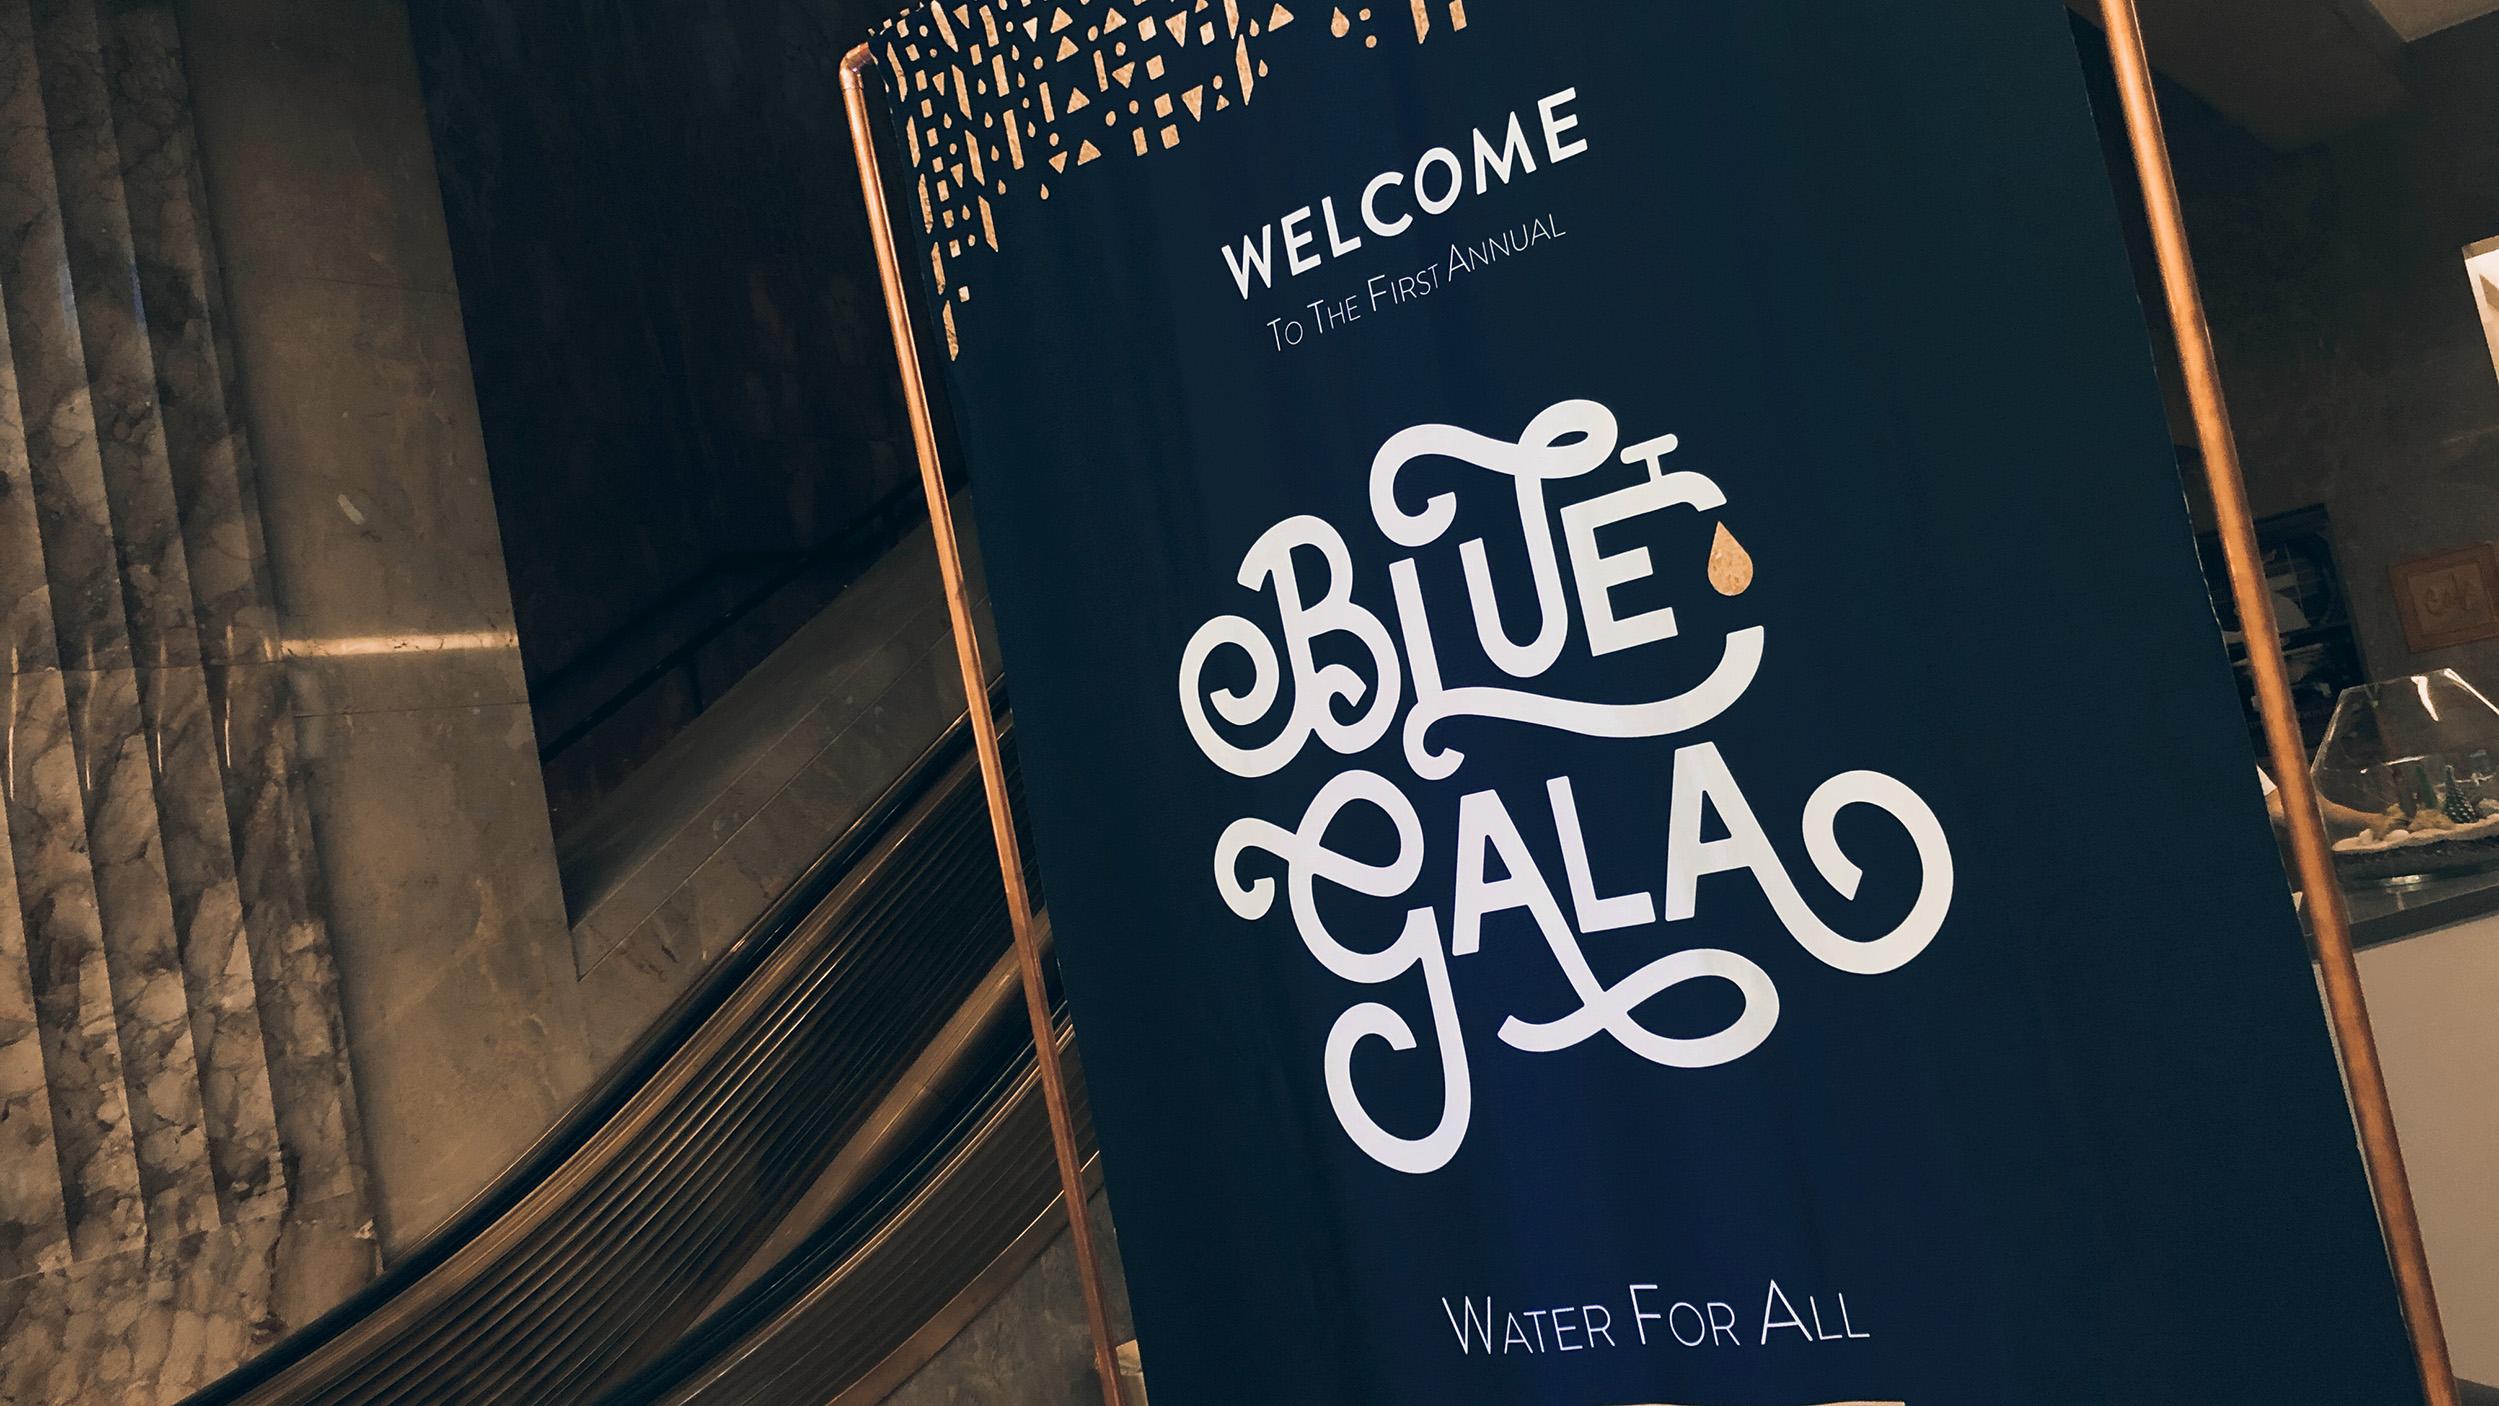 Blue Missions Gala